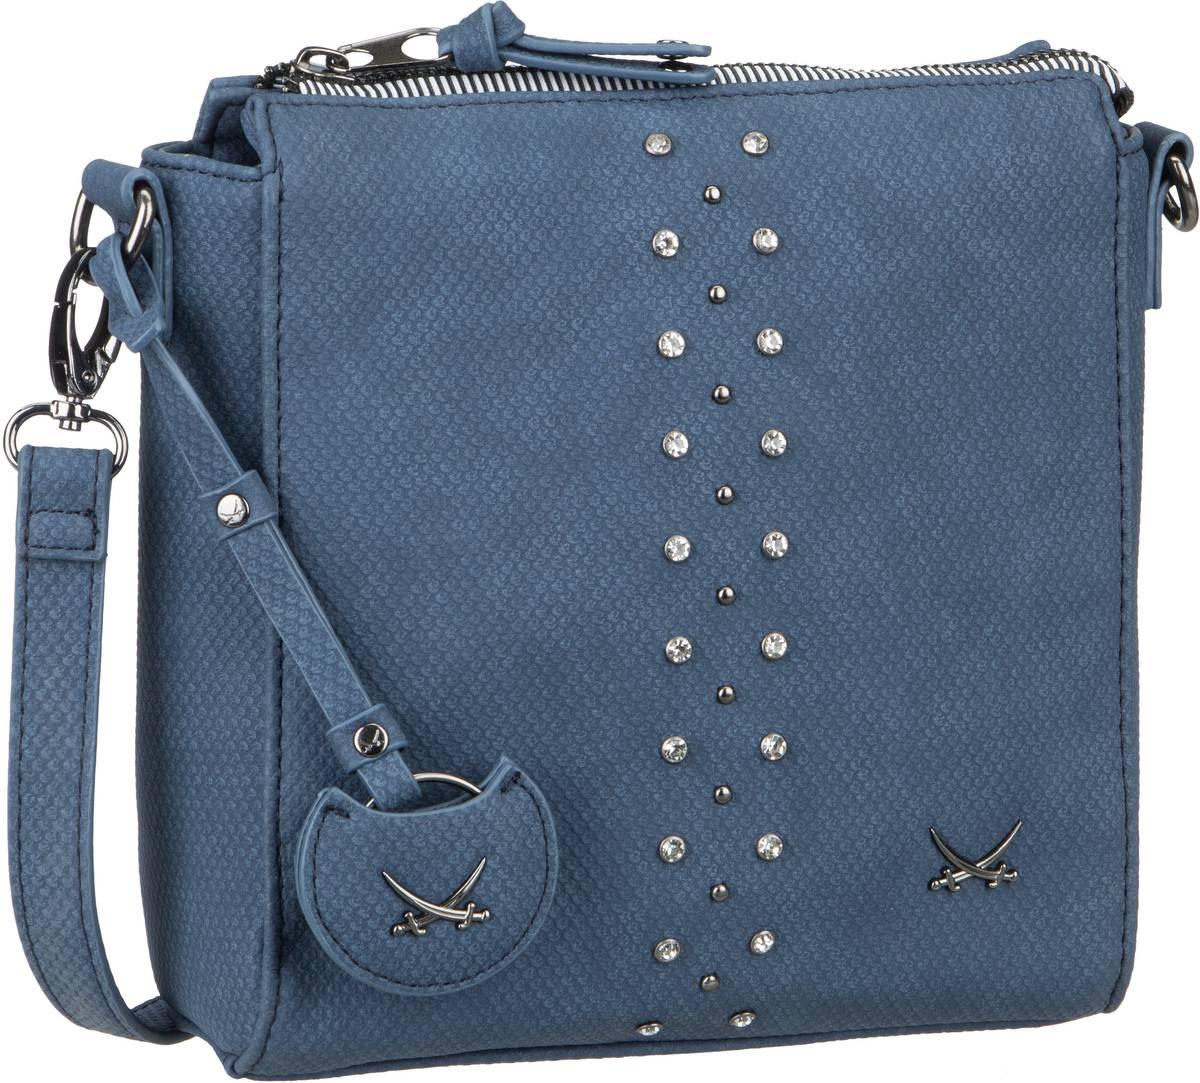 Umhängetasche Crossover Bag 1324 Midnight Blue